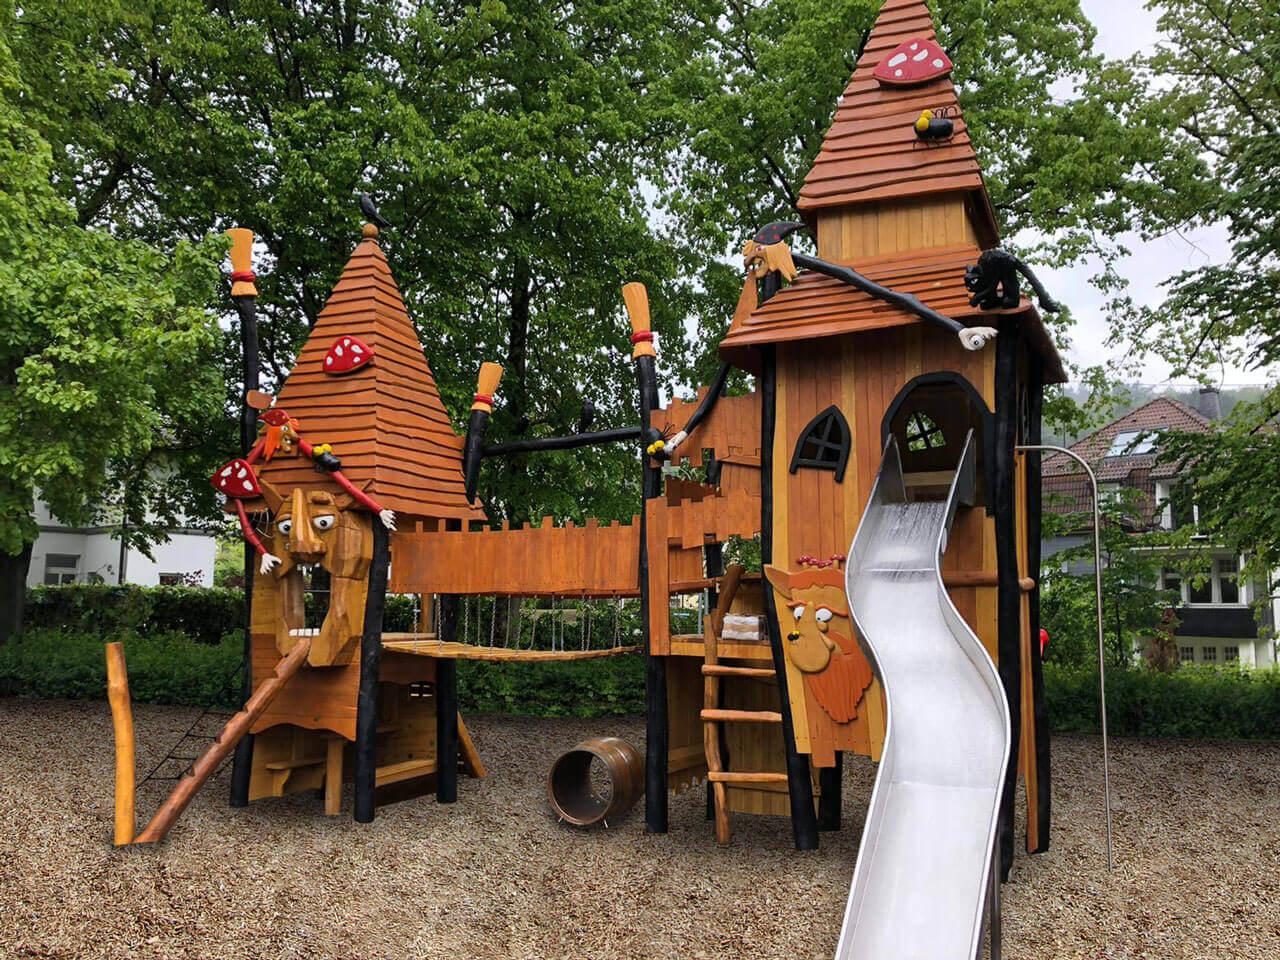 Freizeitpark Hexenbusch, Gummersbach